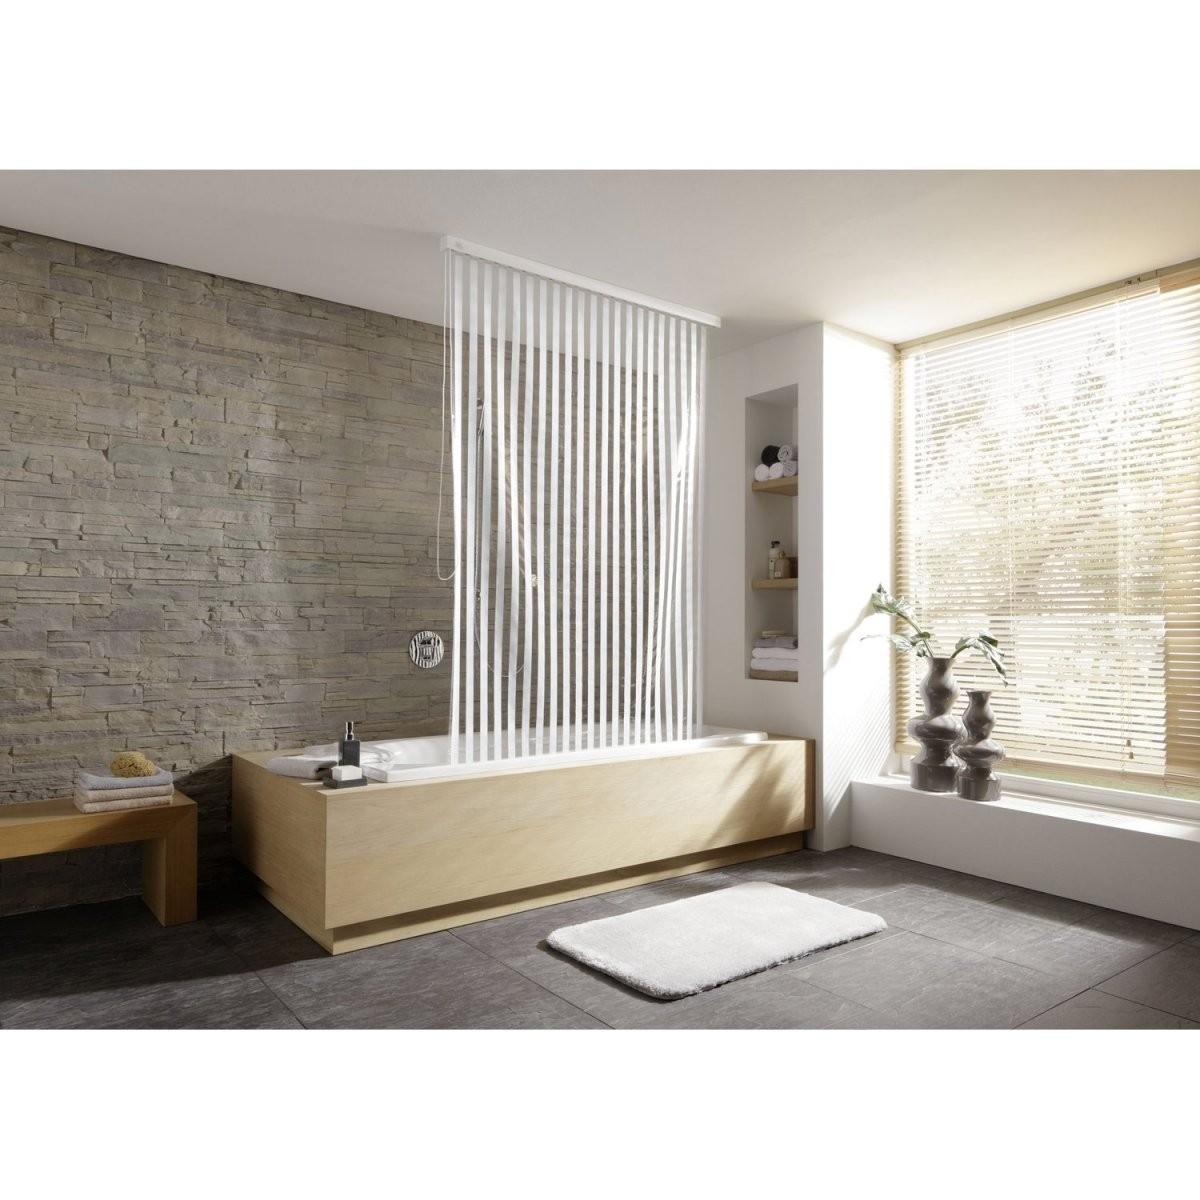 Duschstange Online Kaufen Bei Obi von Duschvorhang Mit Stange Für Badewanne Photo